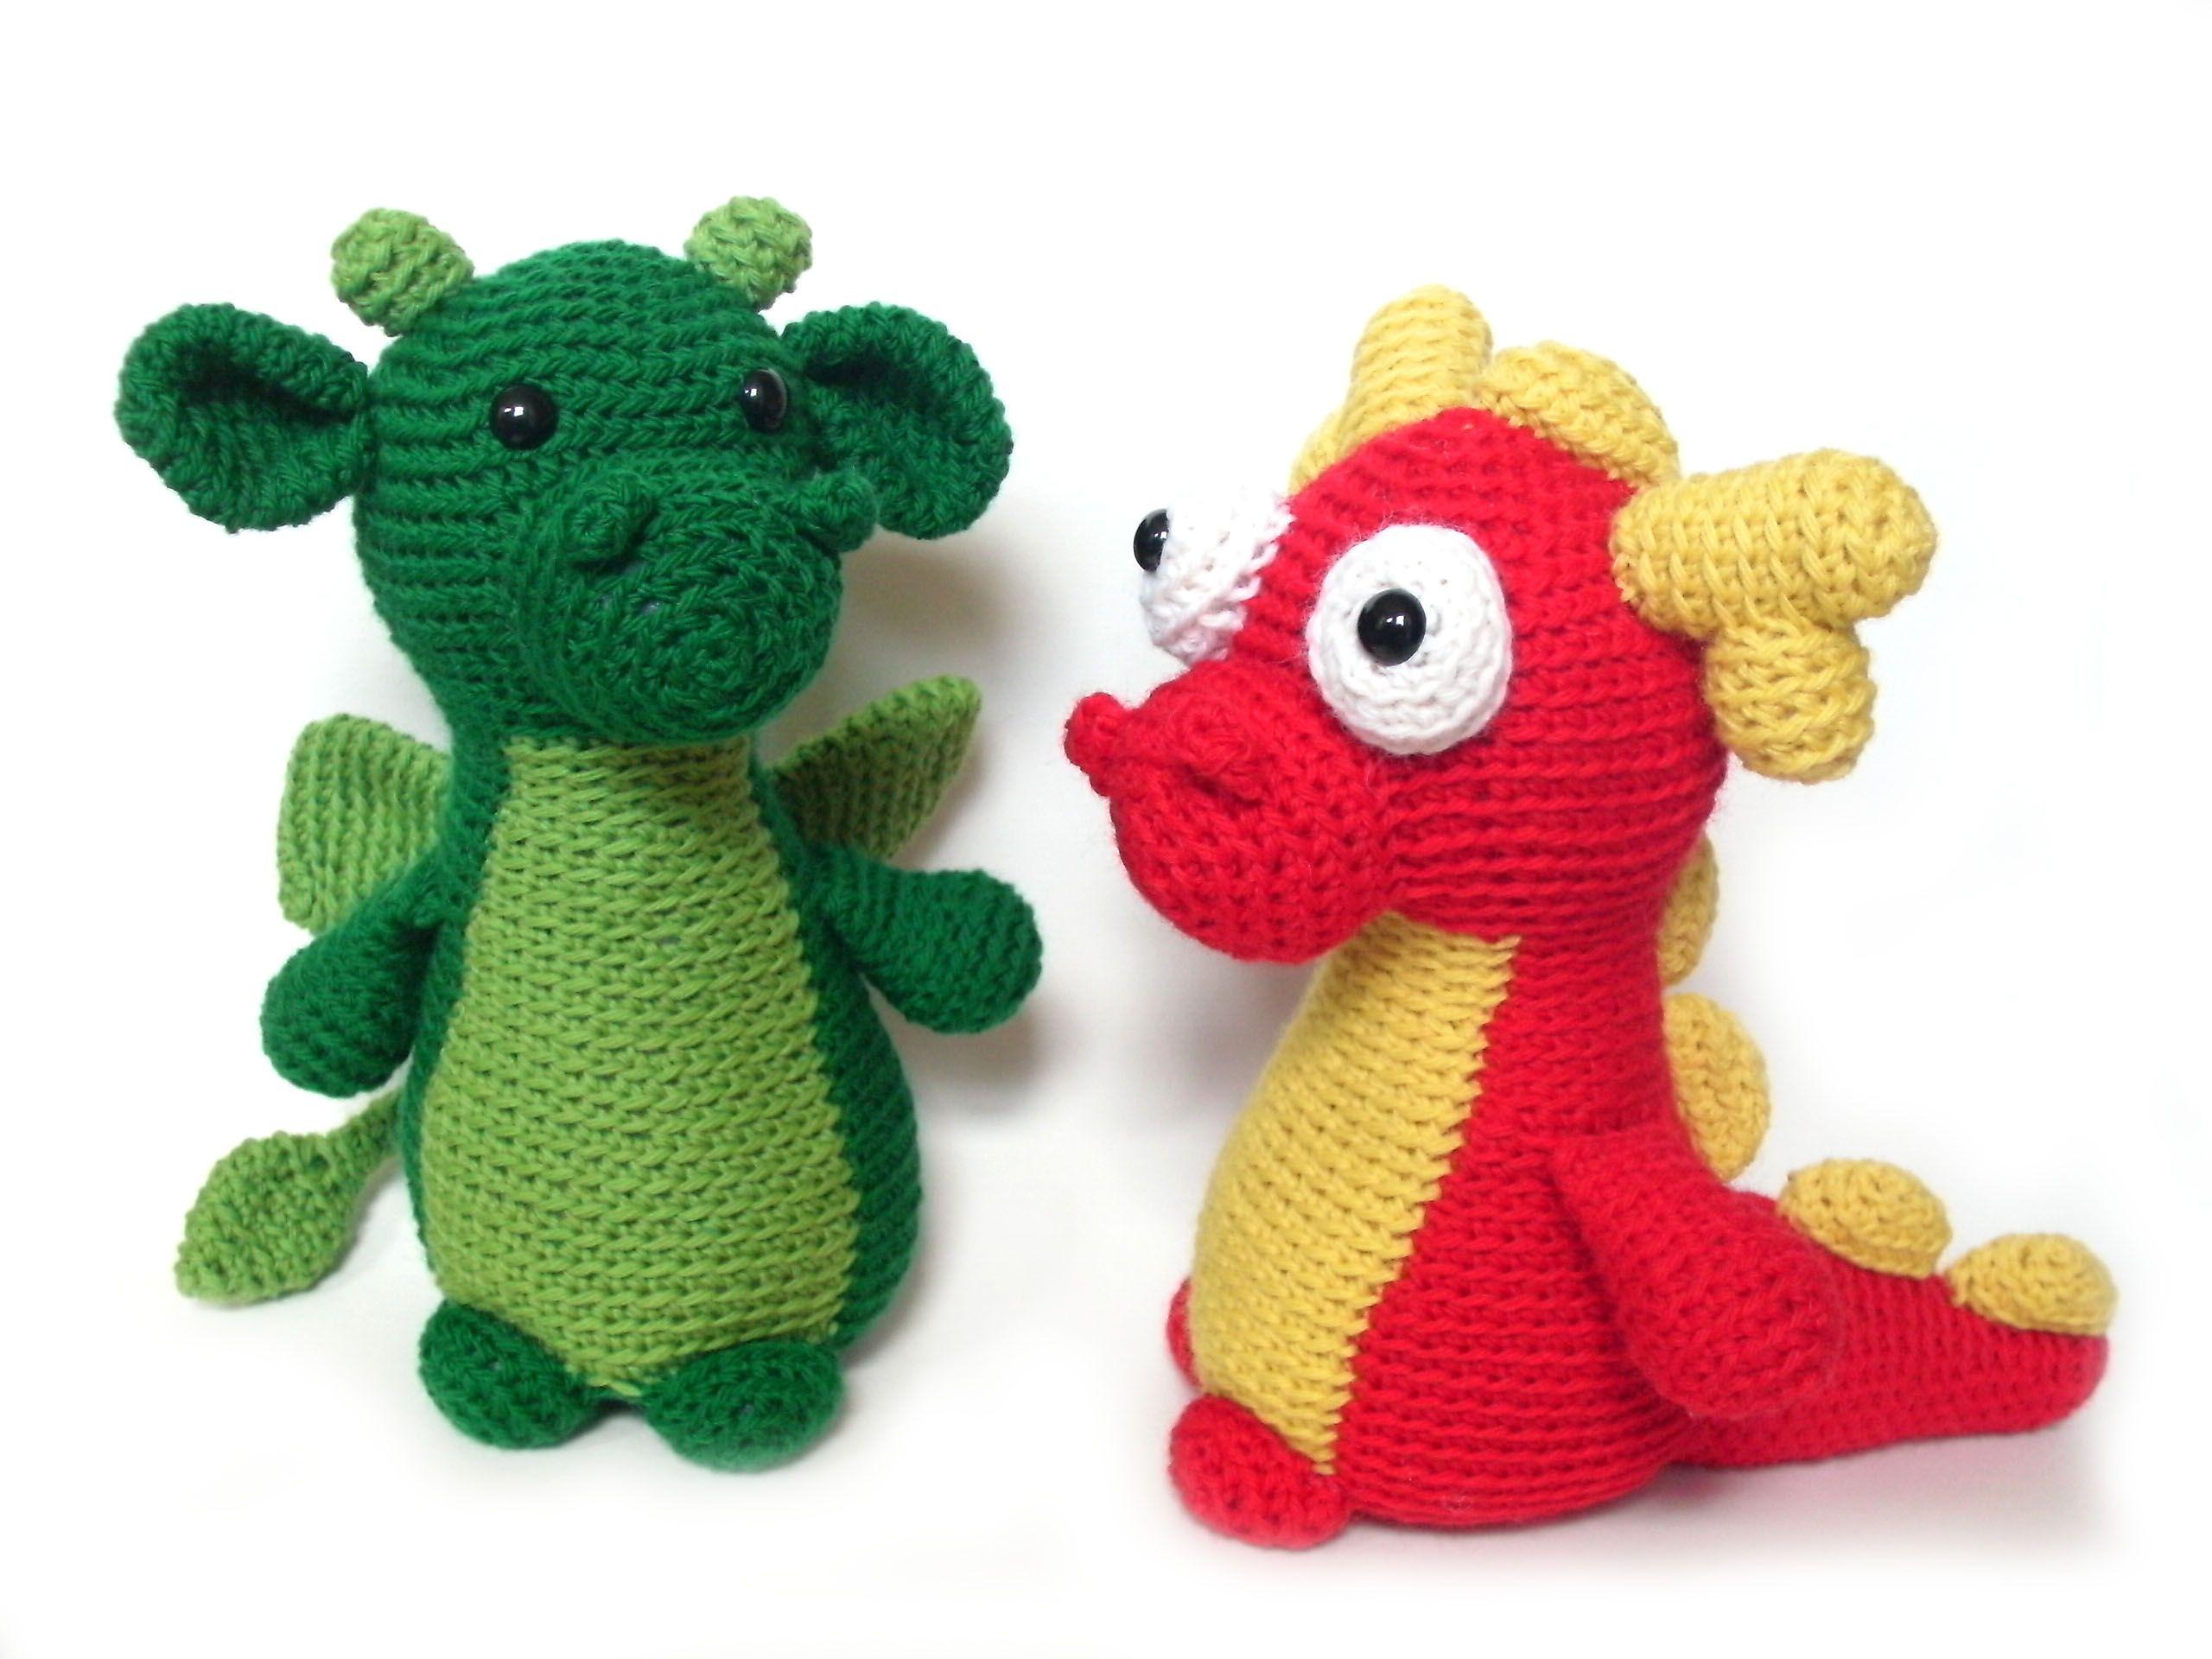 Dinosaurios Amigurumis Patrones Gratis : Dragon crochet pattern patrón de dragón crochet patrones y dragones